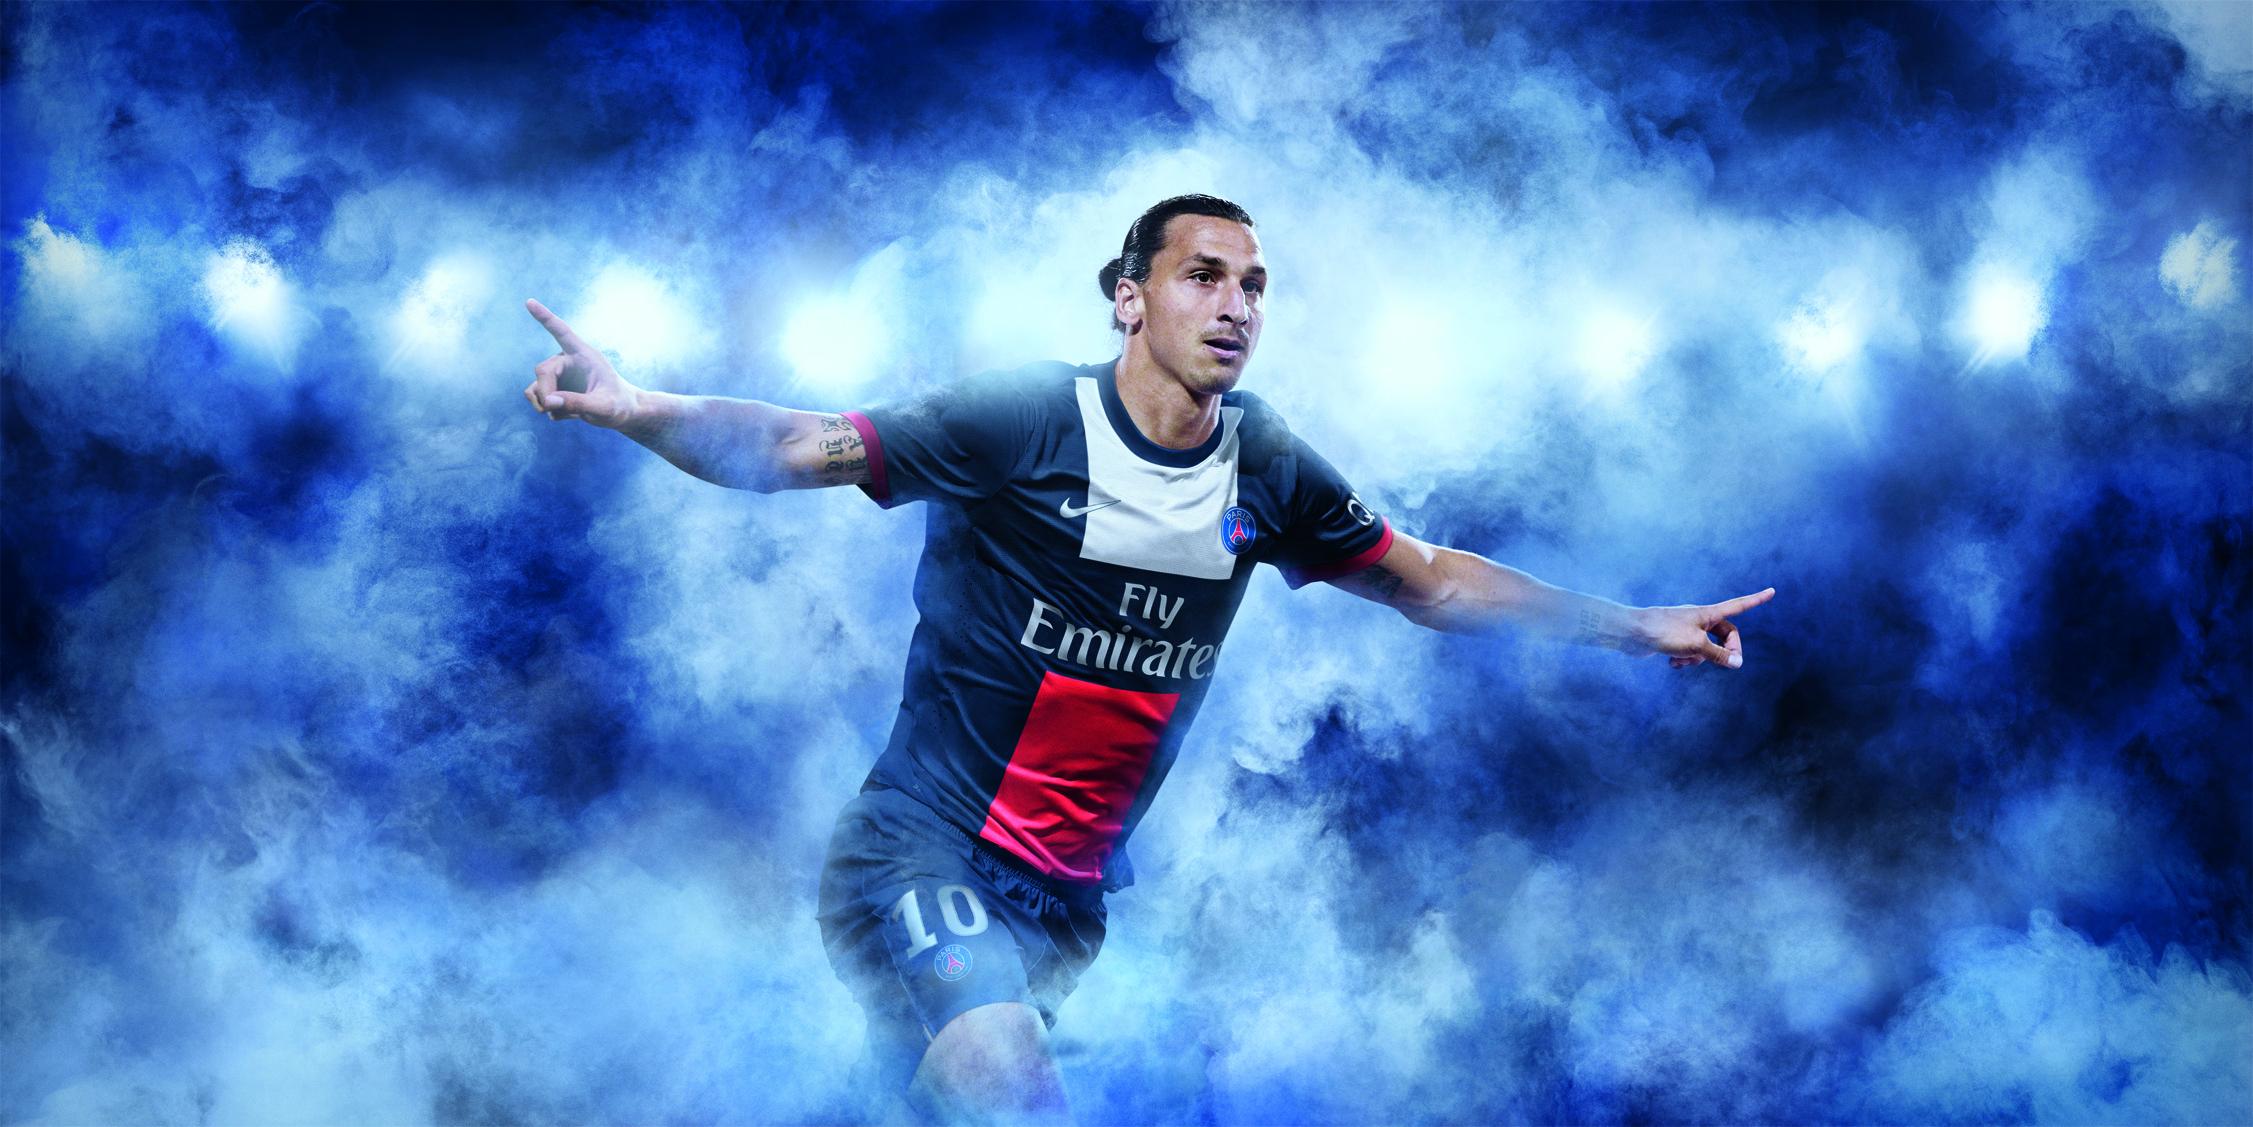 Zlatan Ibrahimovic PSG 2014